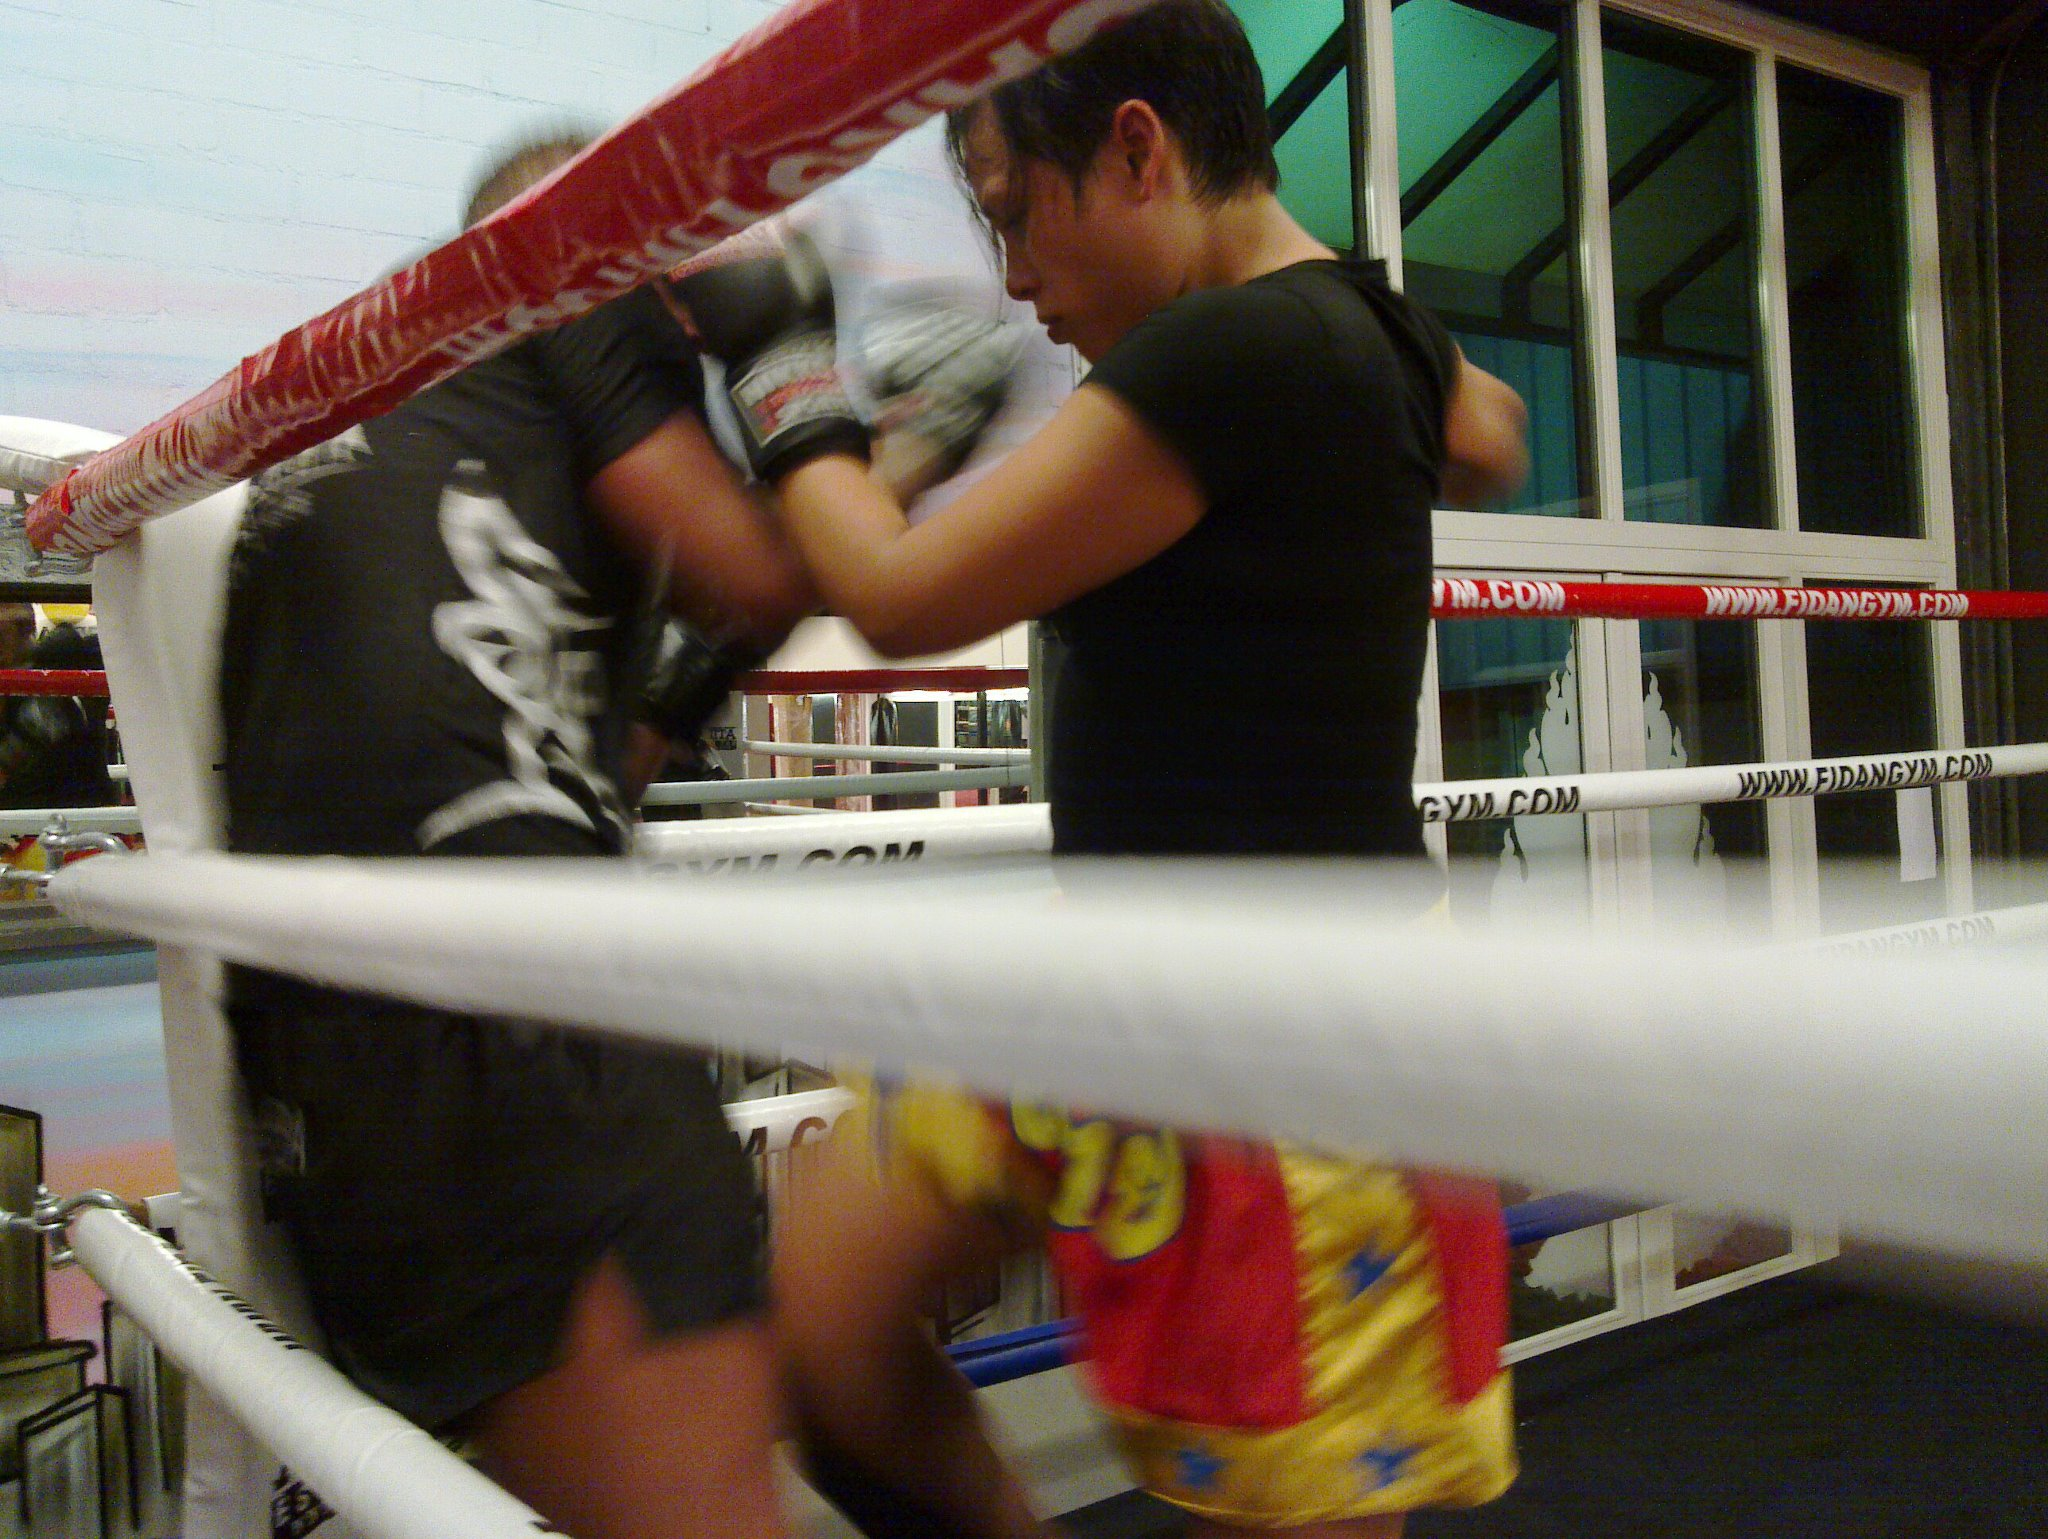 Kickbokstraining thaiboksen muay thai rosmalen kickboksen